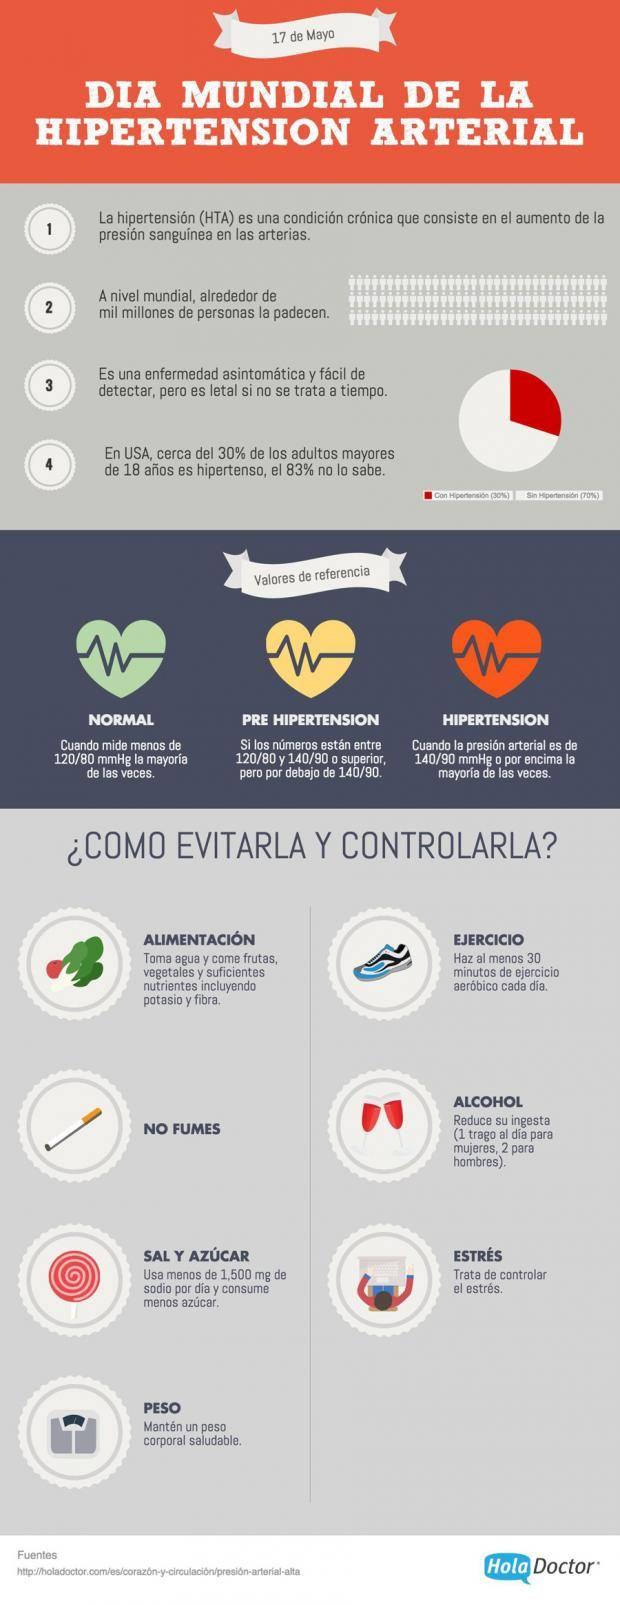 Hipertensión: la enemiga silenciosa - HolaDoctor